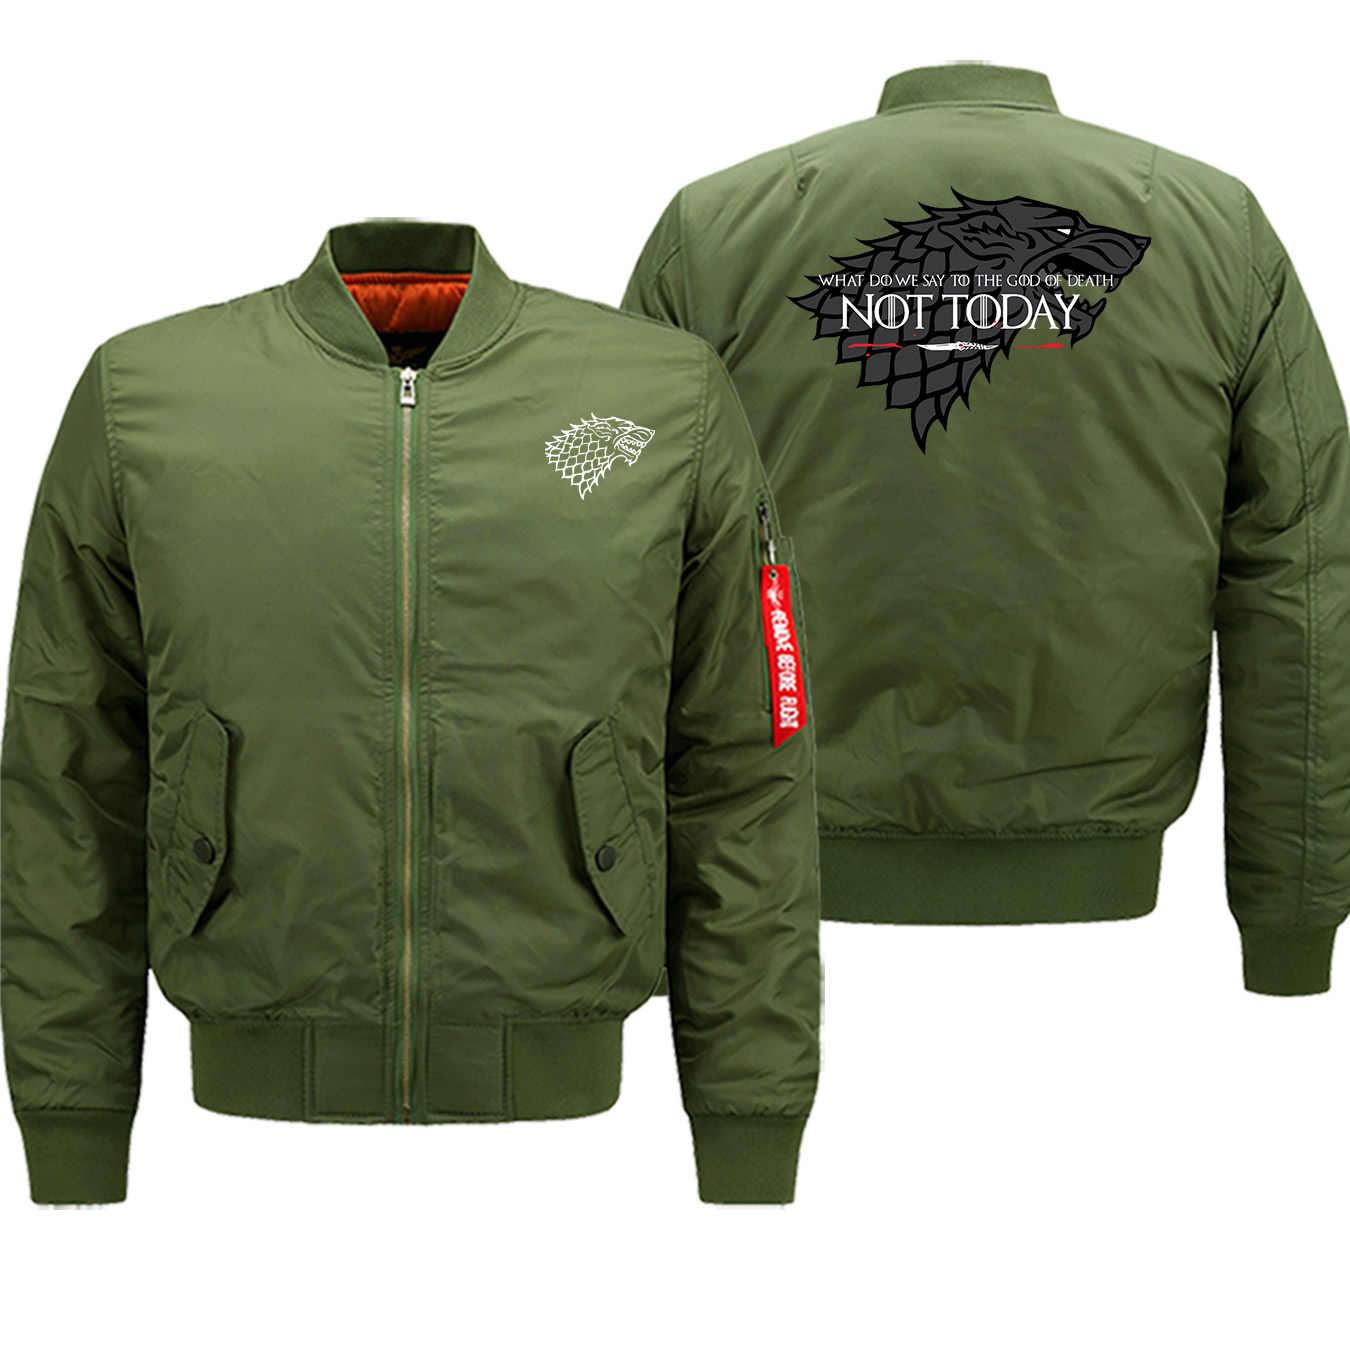 Ayra Stark no hoy en día hombre Casual de alta calidad caliente Zip chaqueta 2019 invierno bombardero ejército militar para hombre abrigo rojo Vintage prendas de vestir 8XL